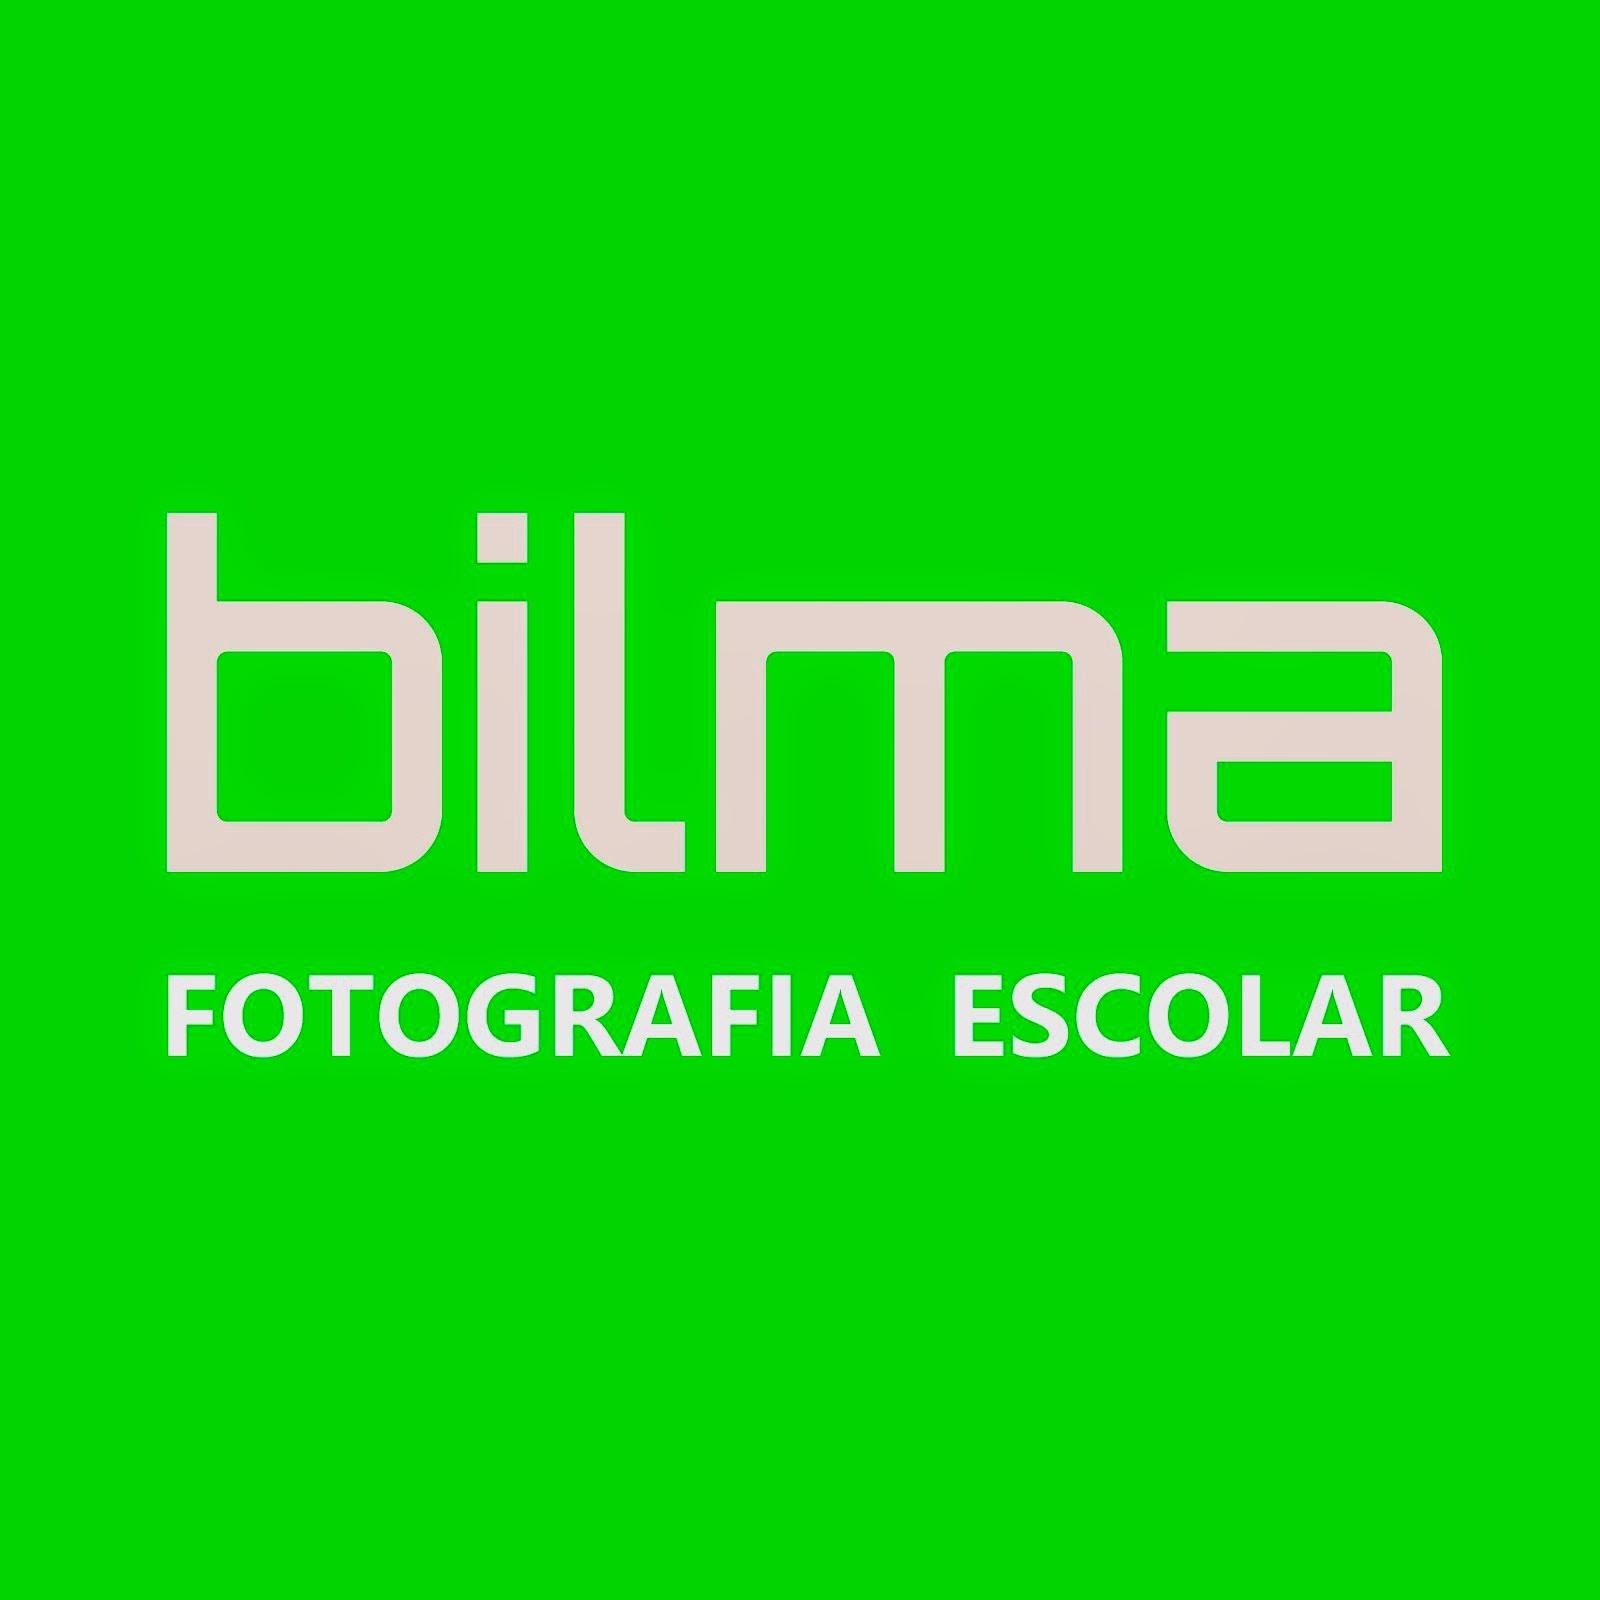 Fotografia Escolar